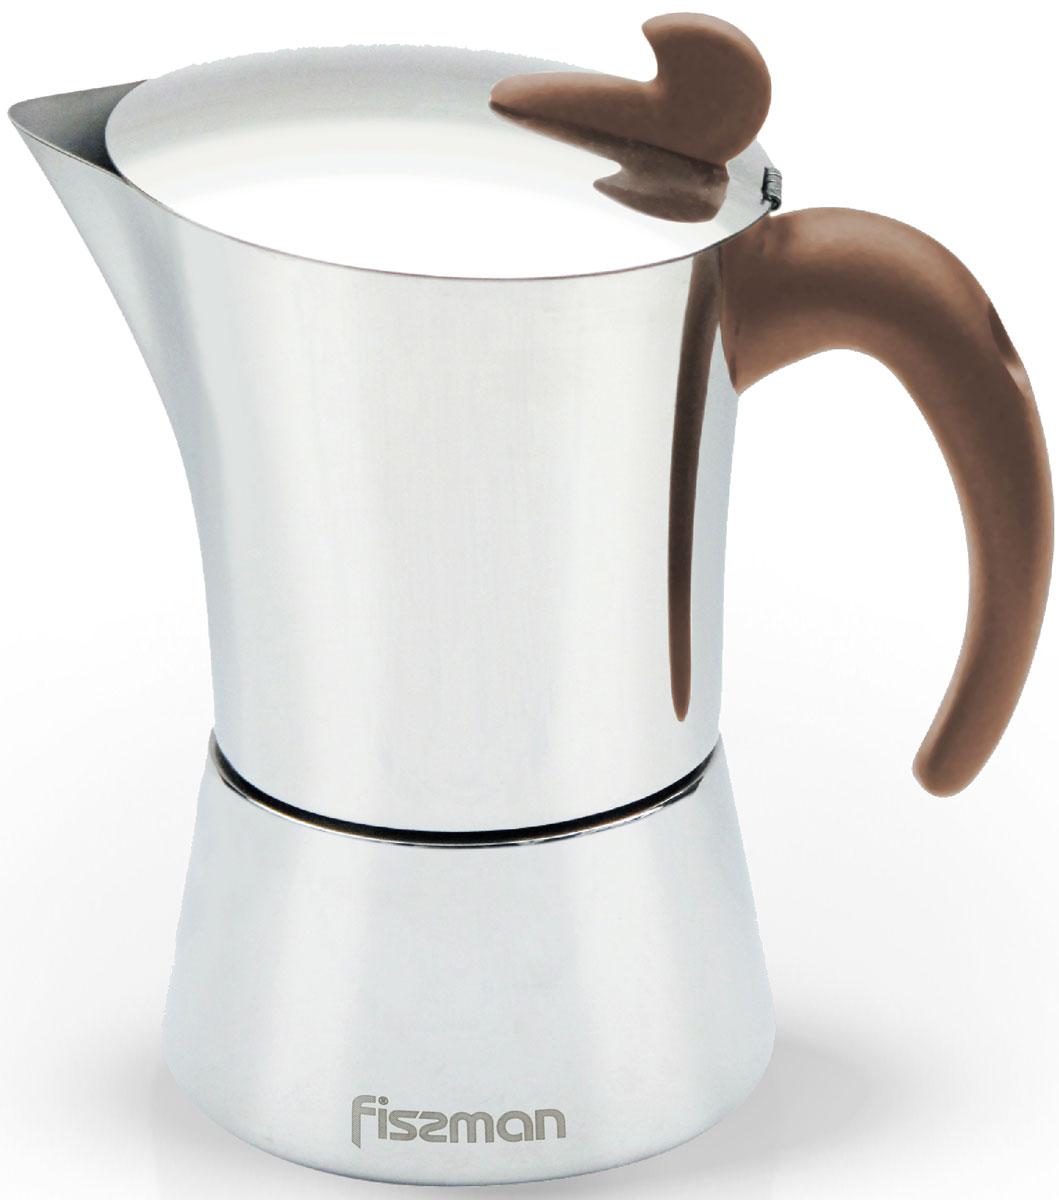 Кофеварка гейзерная Fissman, на 9 порций, 540 млEM-9416.12Перед первым использованием посуду следует помыть и протереть сухой тряпкой.Как выбрать кофеварку. Статья OZON Гид